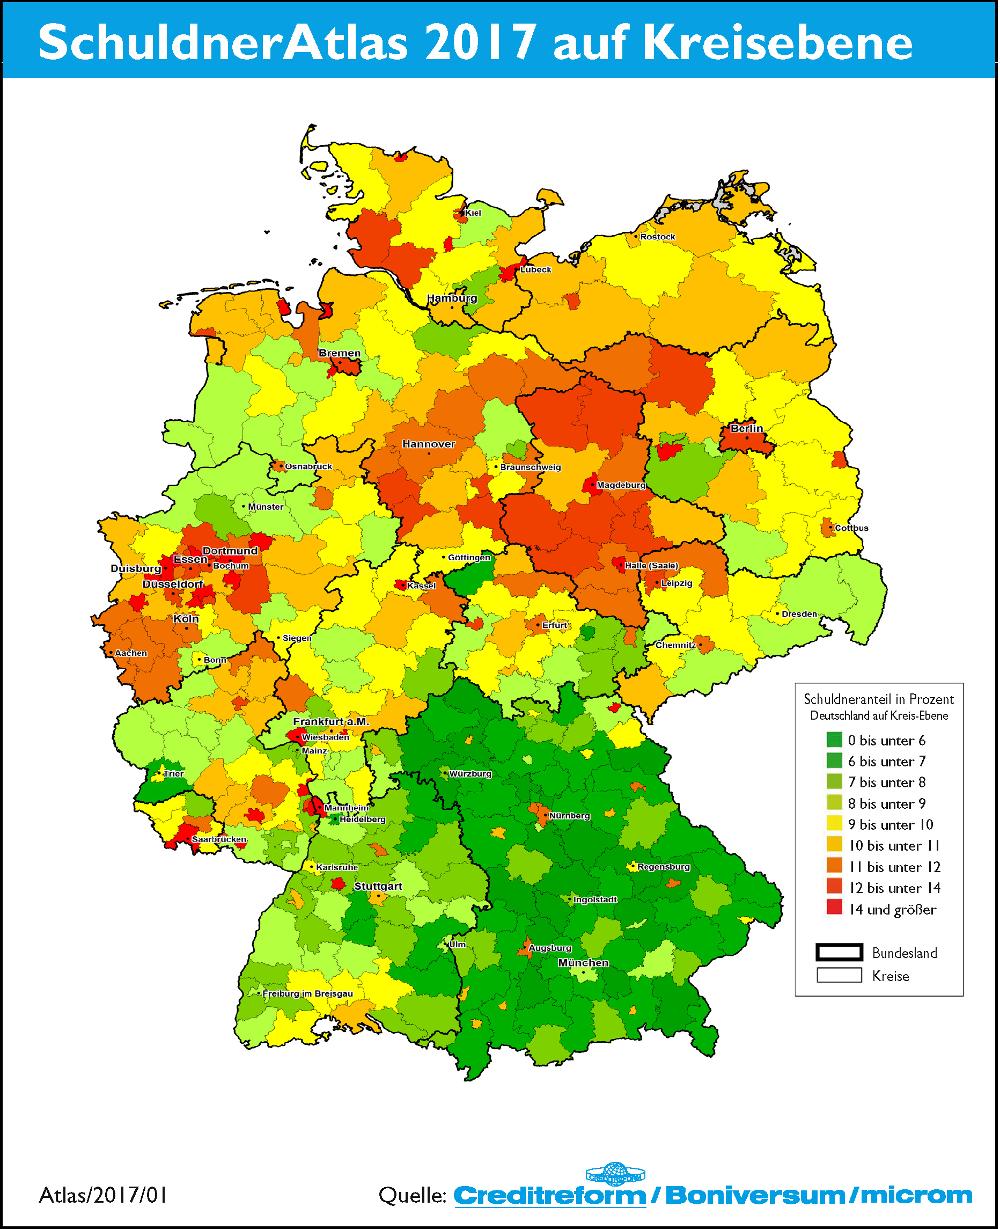 Deutsc hlandkarte mit Farbflächen je nach Überschuldungsgrad der Region